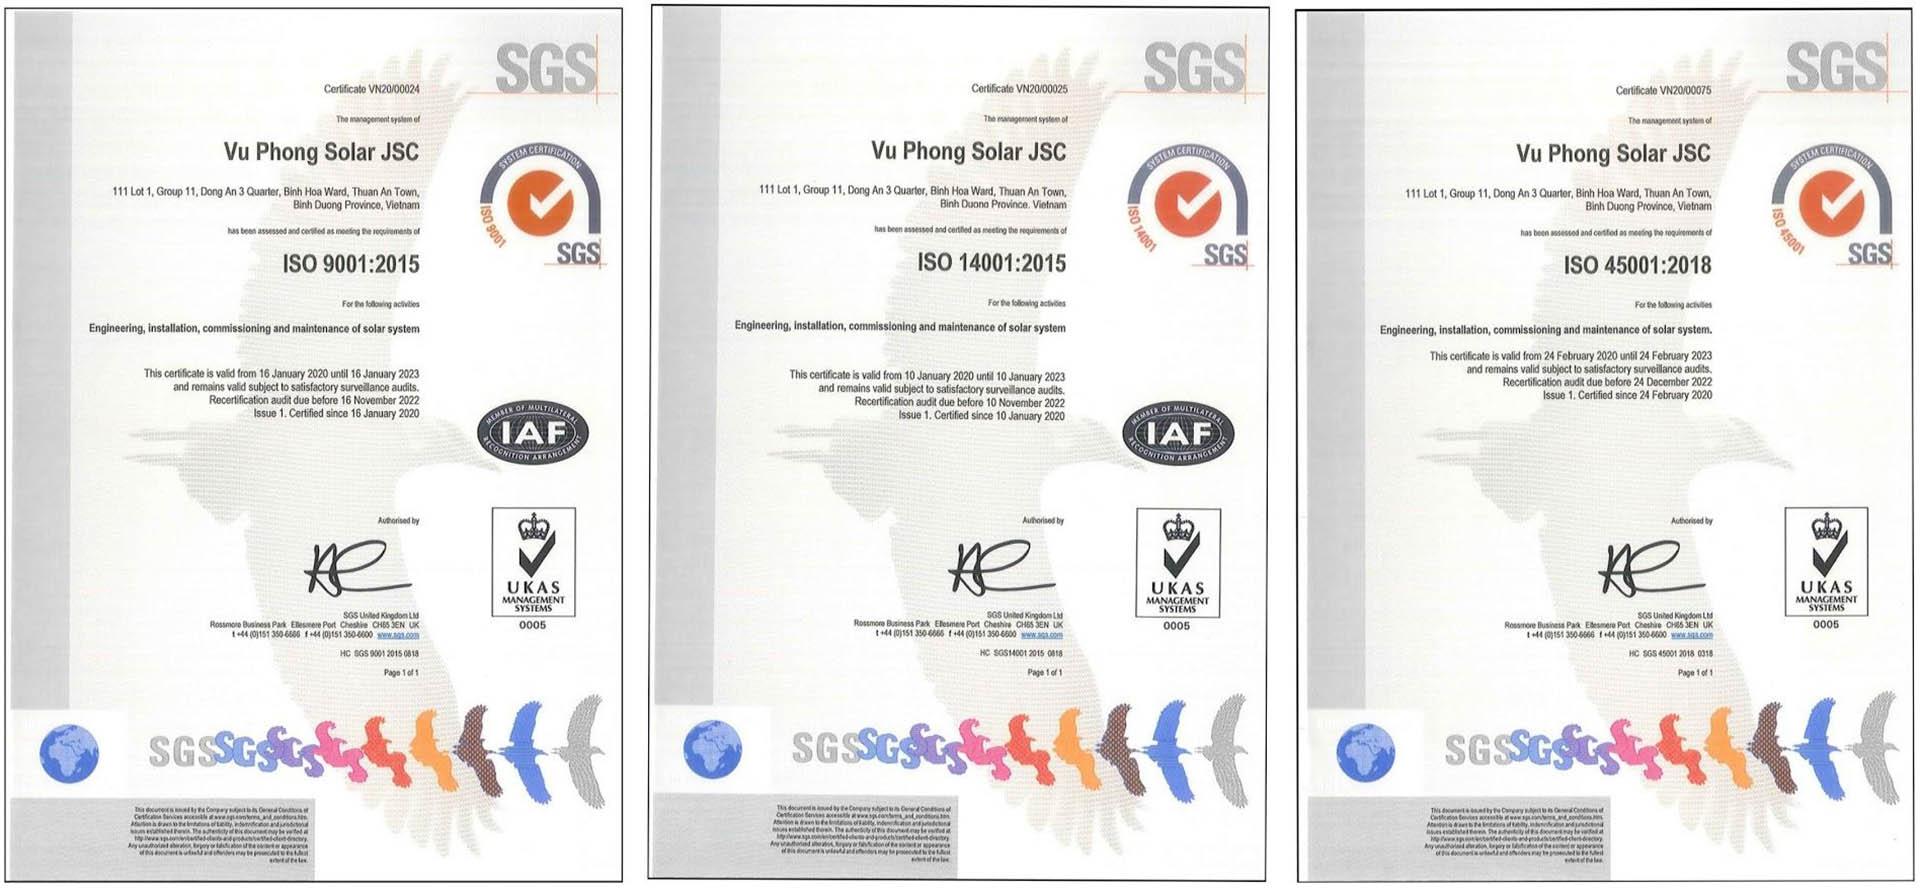 ISO certificate of Vu Phong